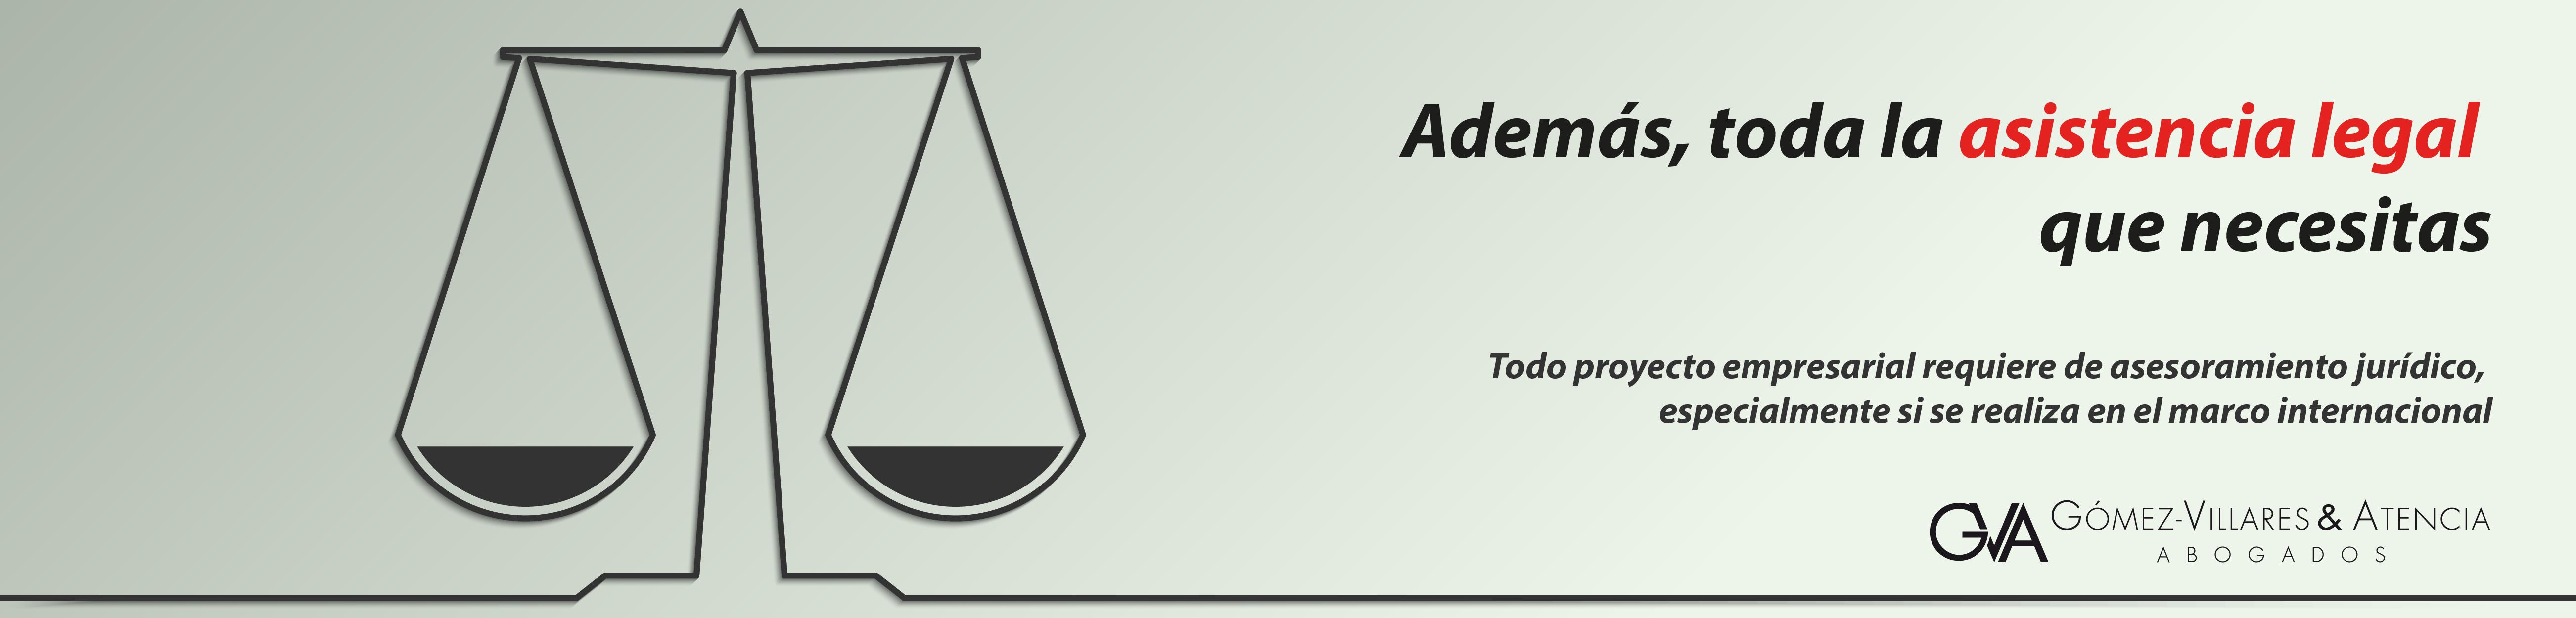 Derecho empresarial GVA